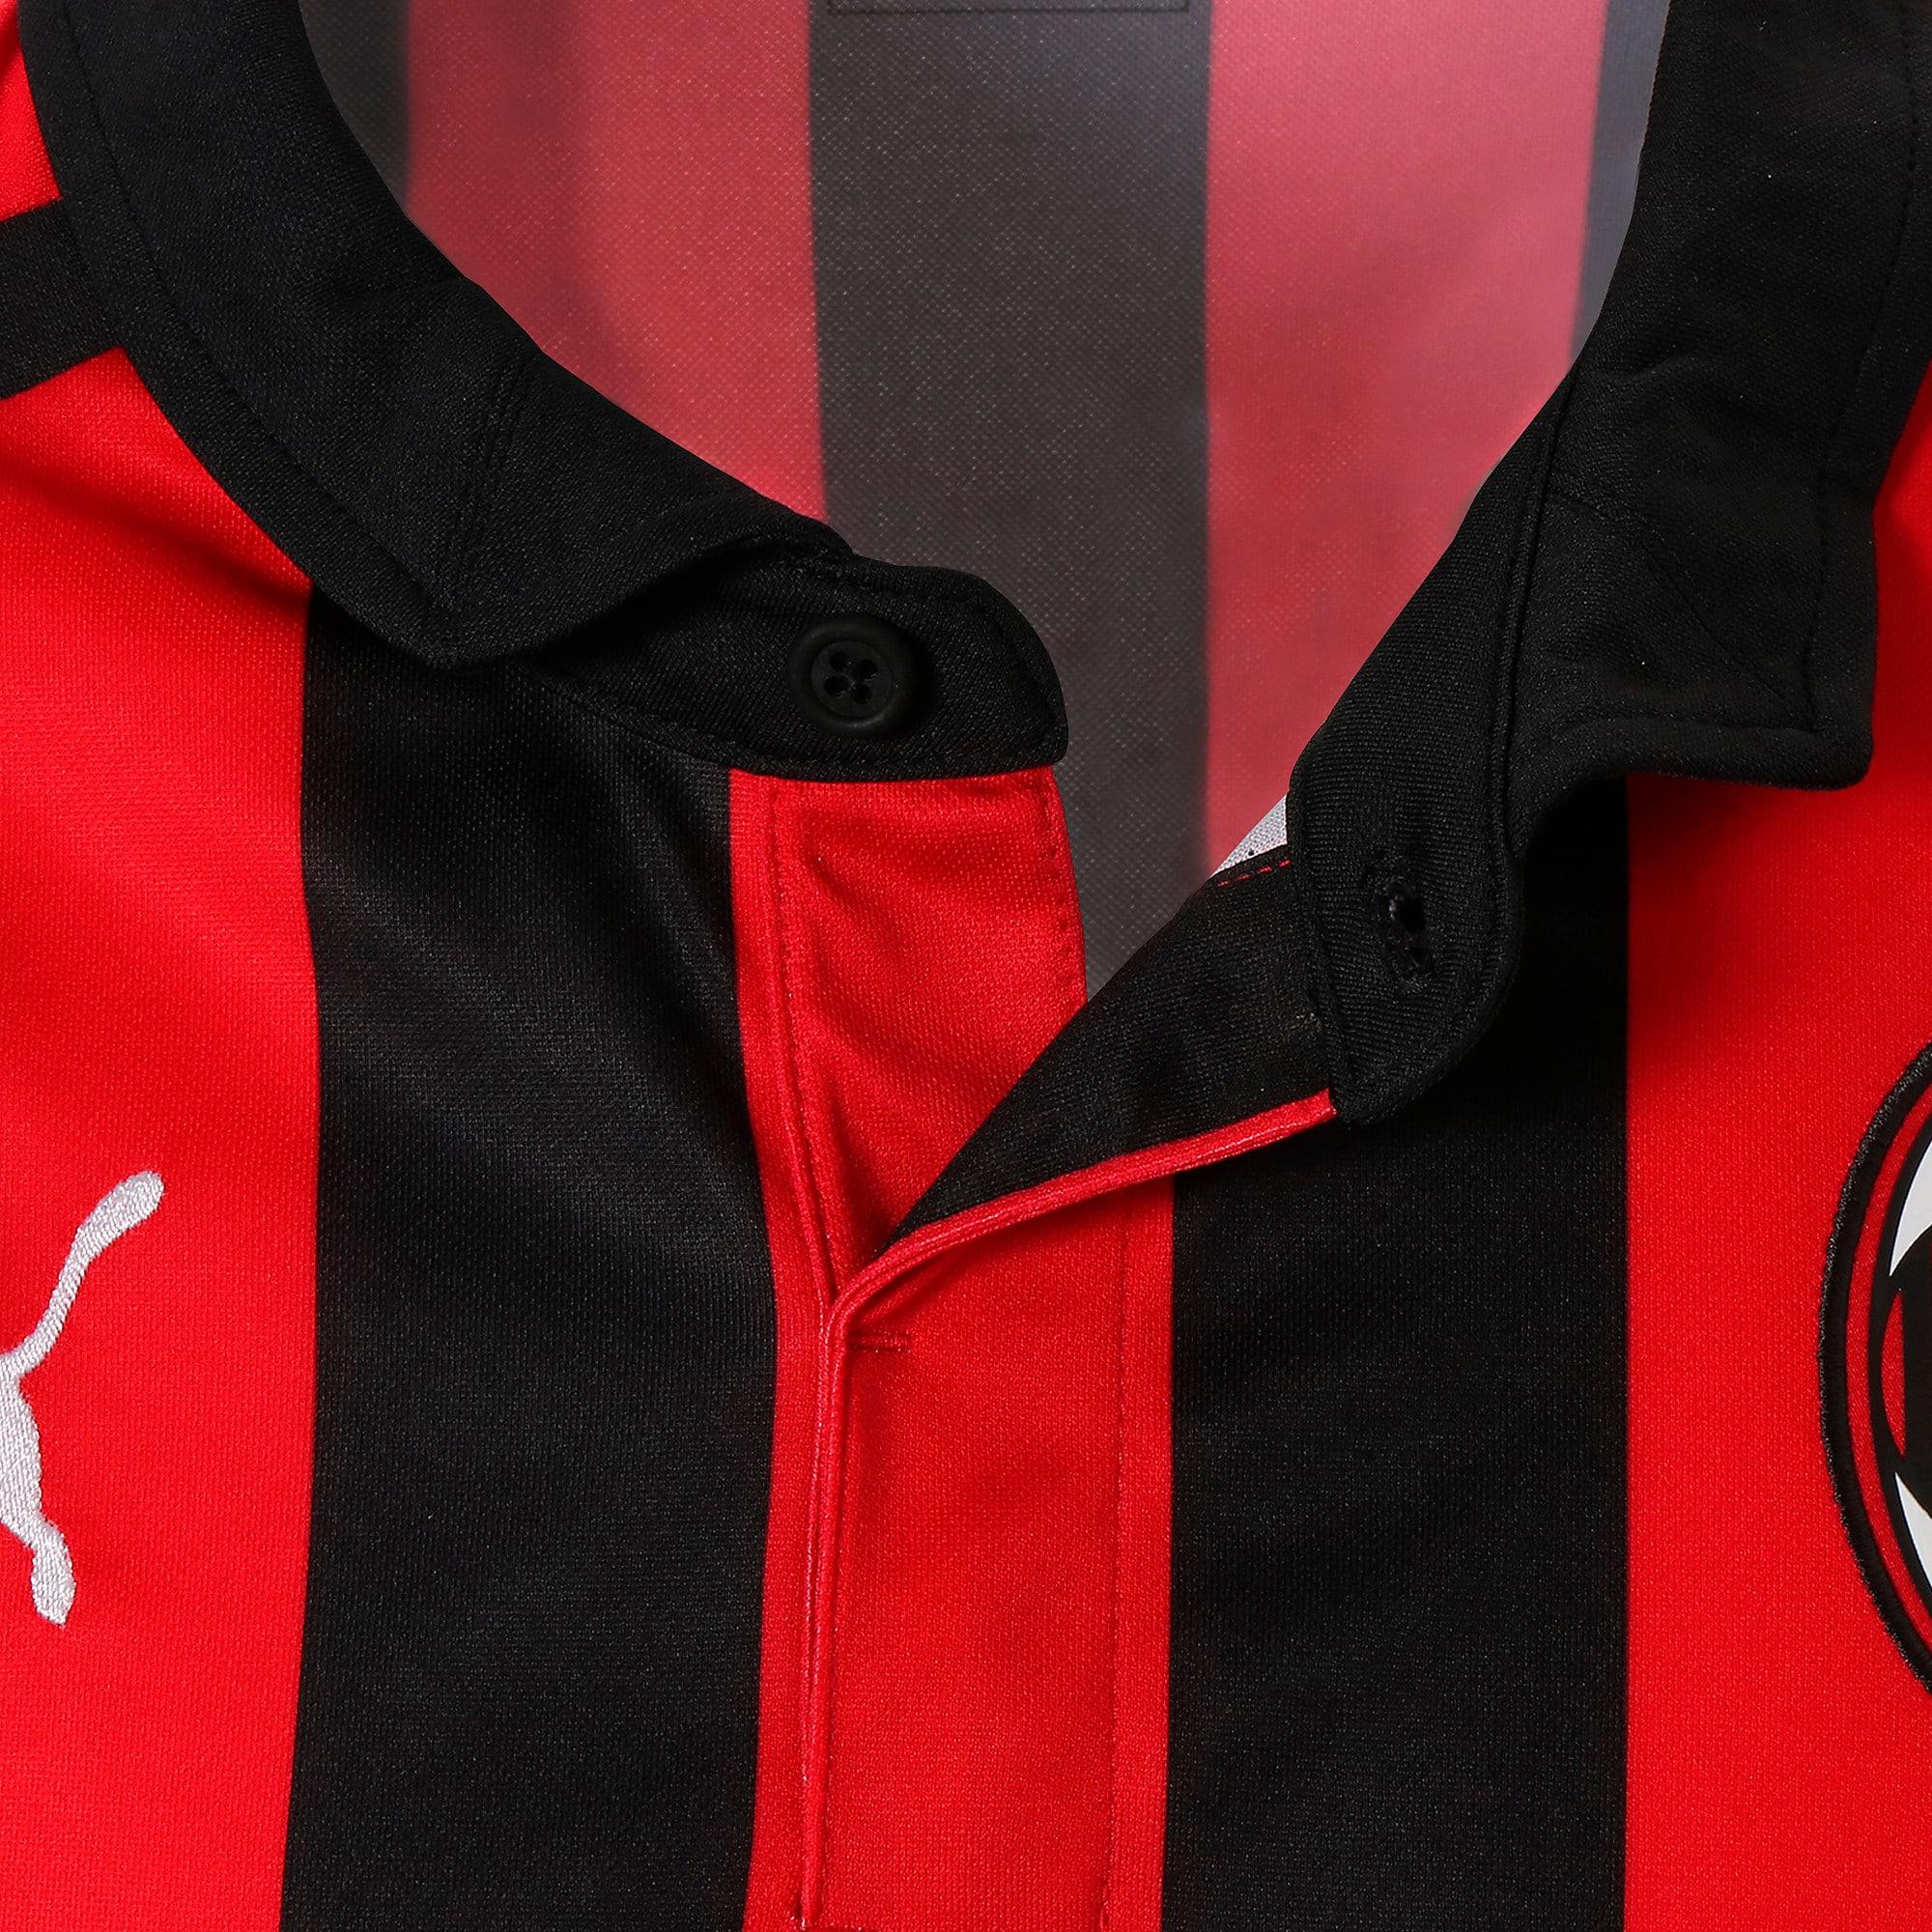 Thumbnail 7 of AC MILAN SS ホーム レプリカシャツ 半袖, Tango Red-Puma Black, medium-JPN